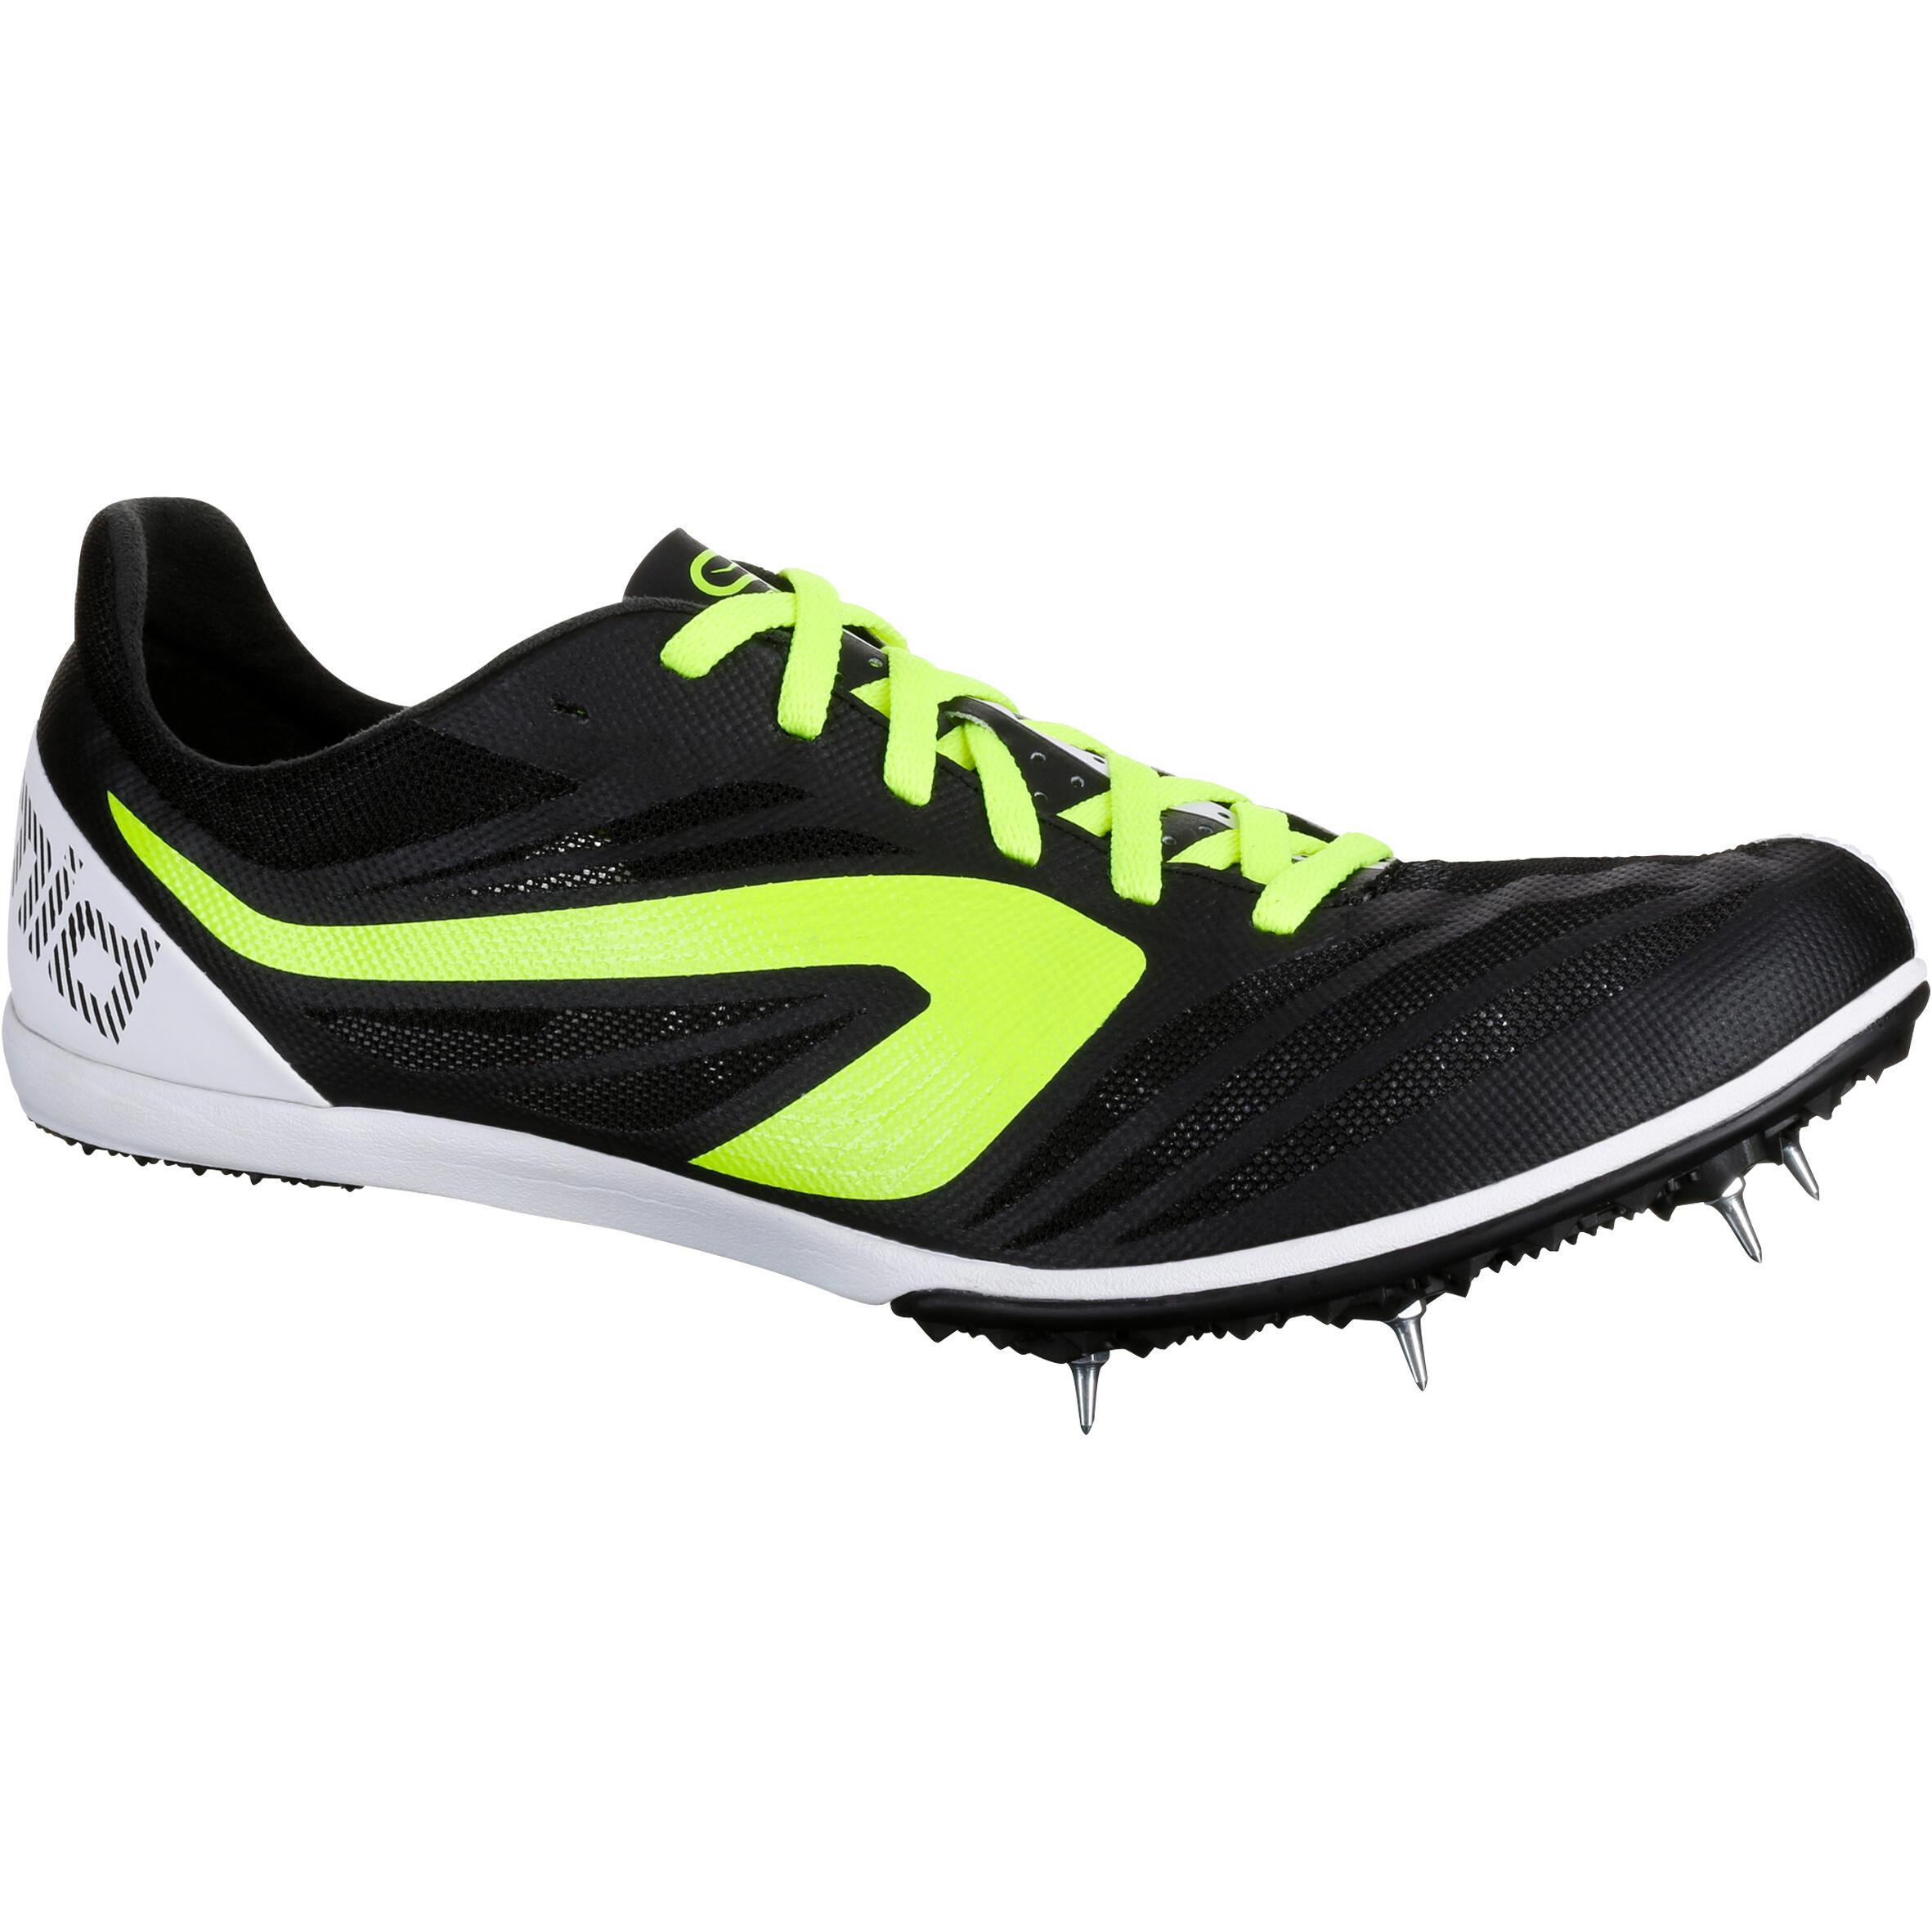 Comprar zapatillas de cross y atletismo  89b1eefa10b99